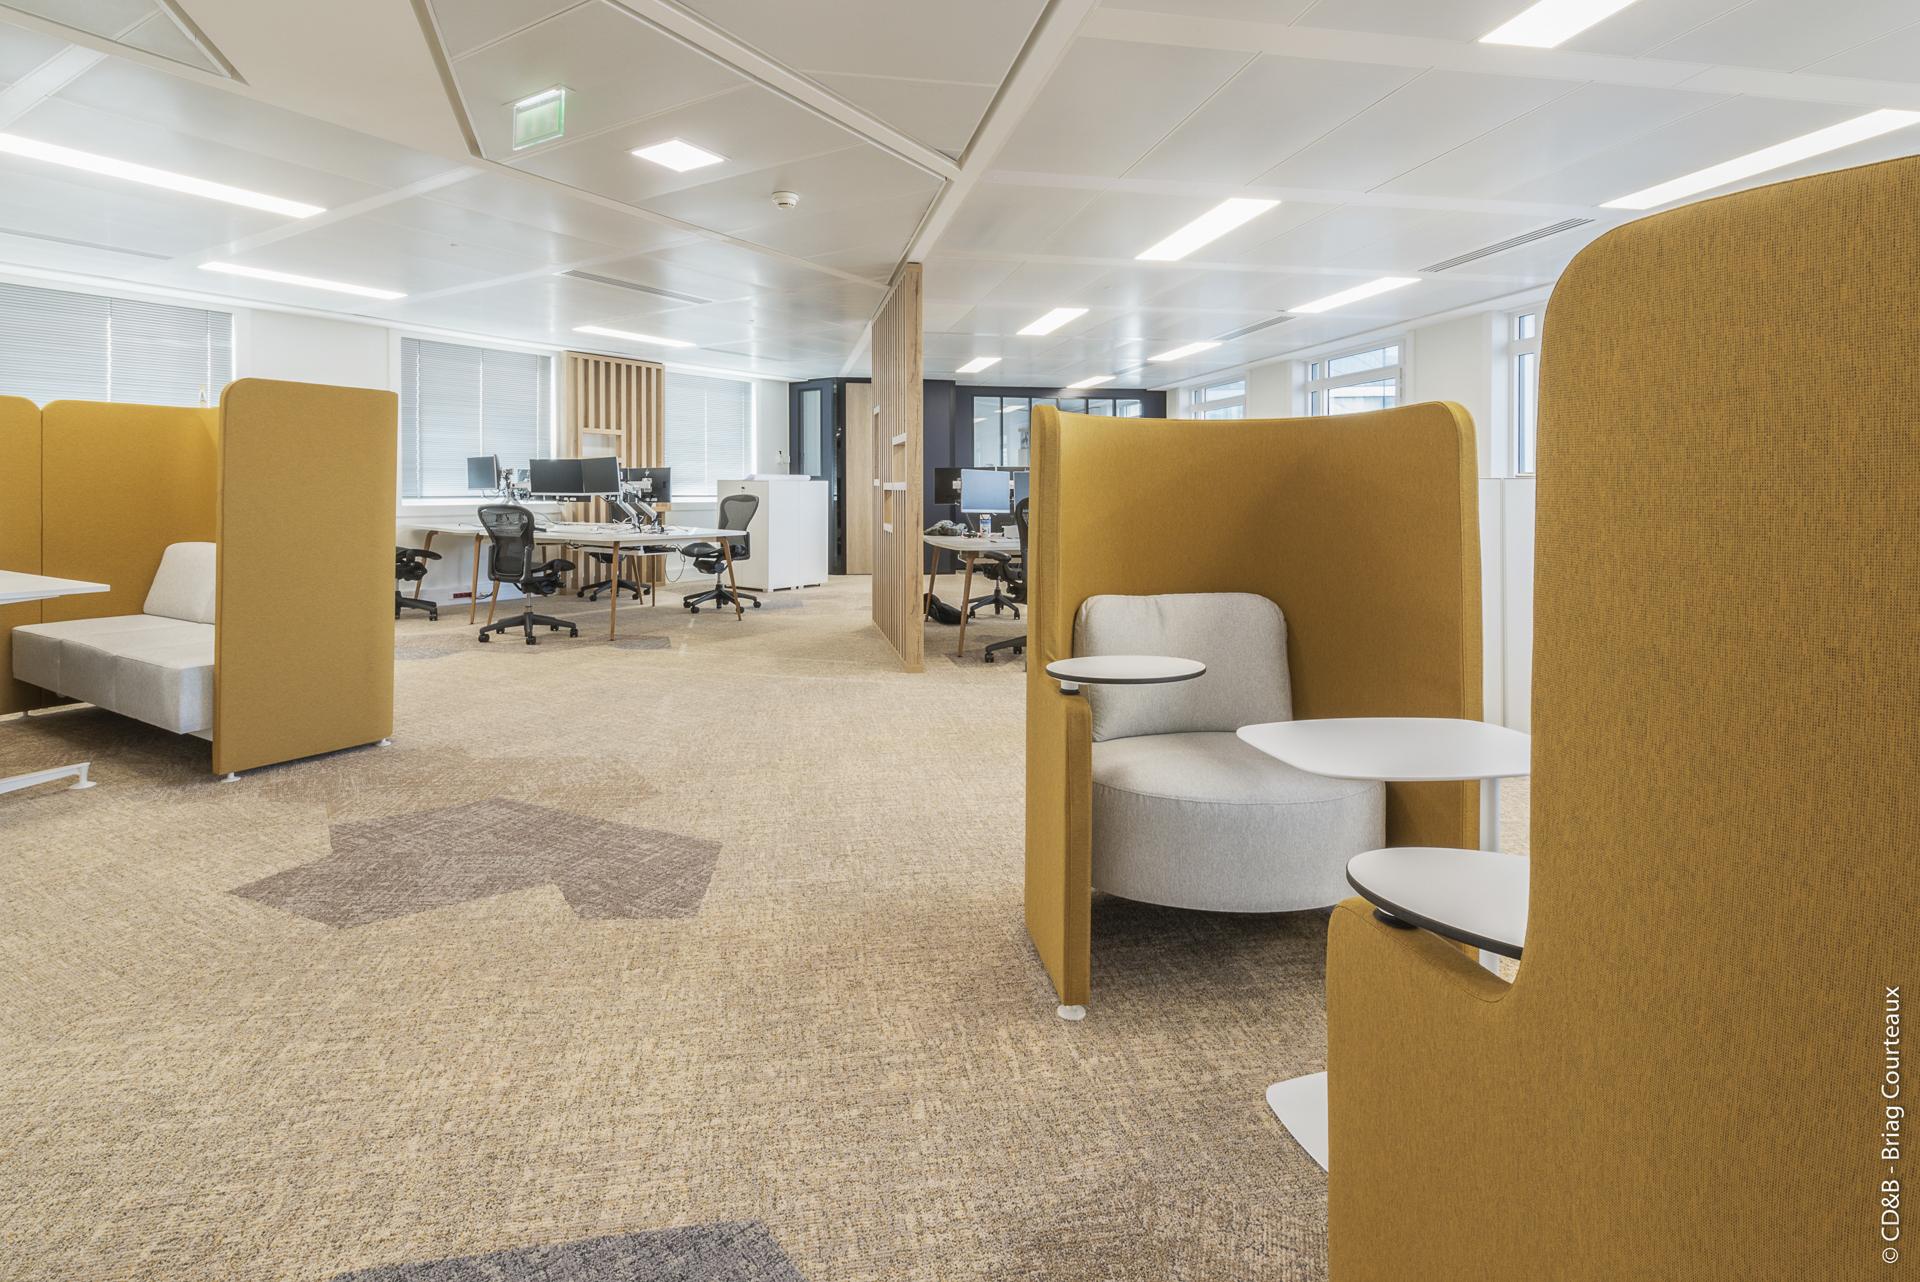 Conseil, aménagement, conception et réalisation des espaces de bureaux de la société PRIMEXIS par CDB, Meet you there.